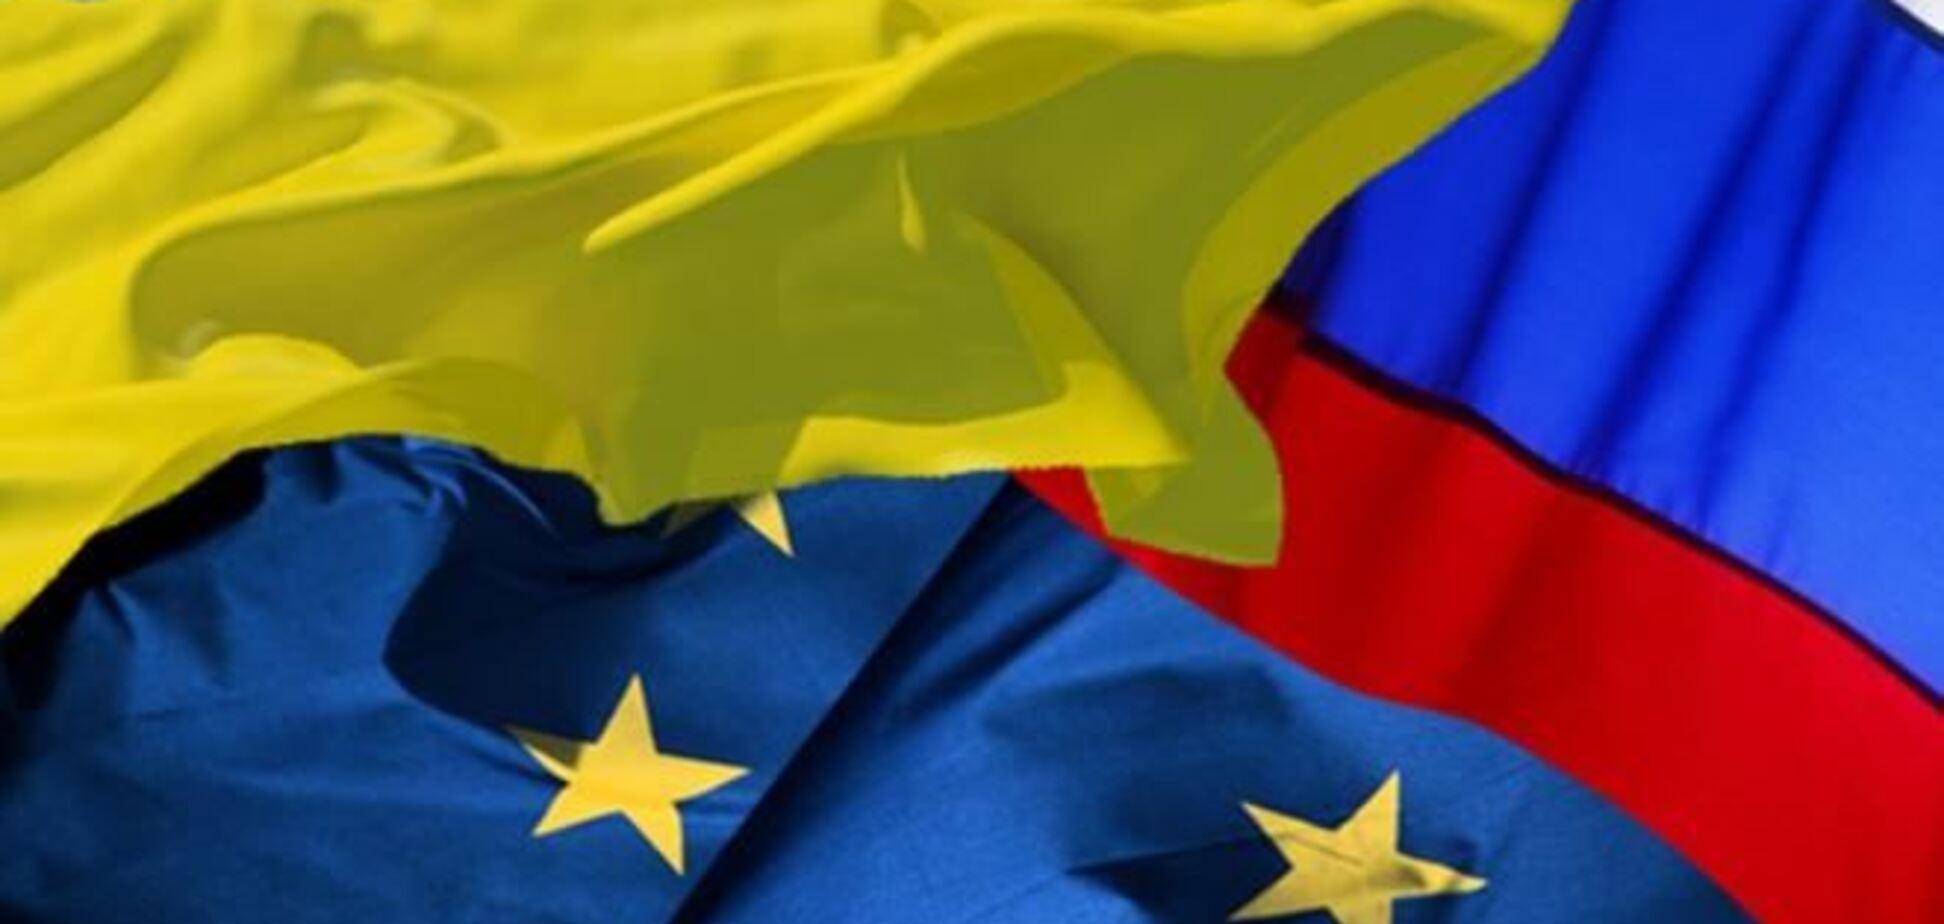 Експерт: дозволити 'українська криза' може тільки солідарне рішення ЄС і РФ